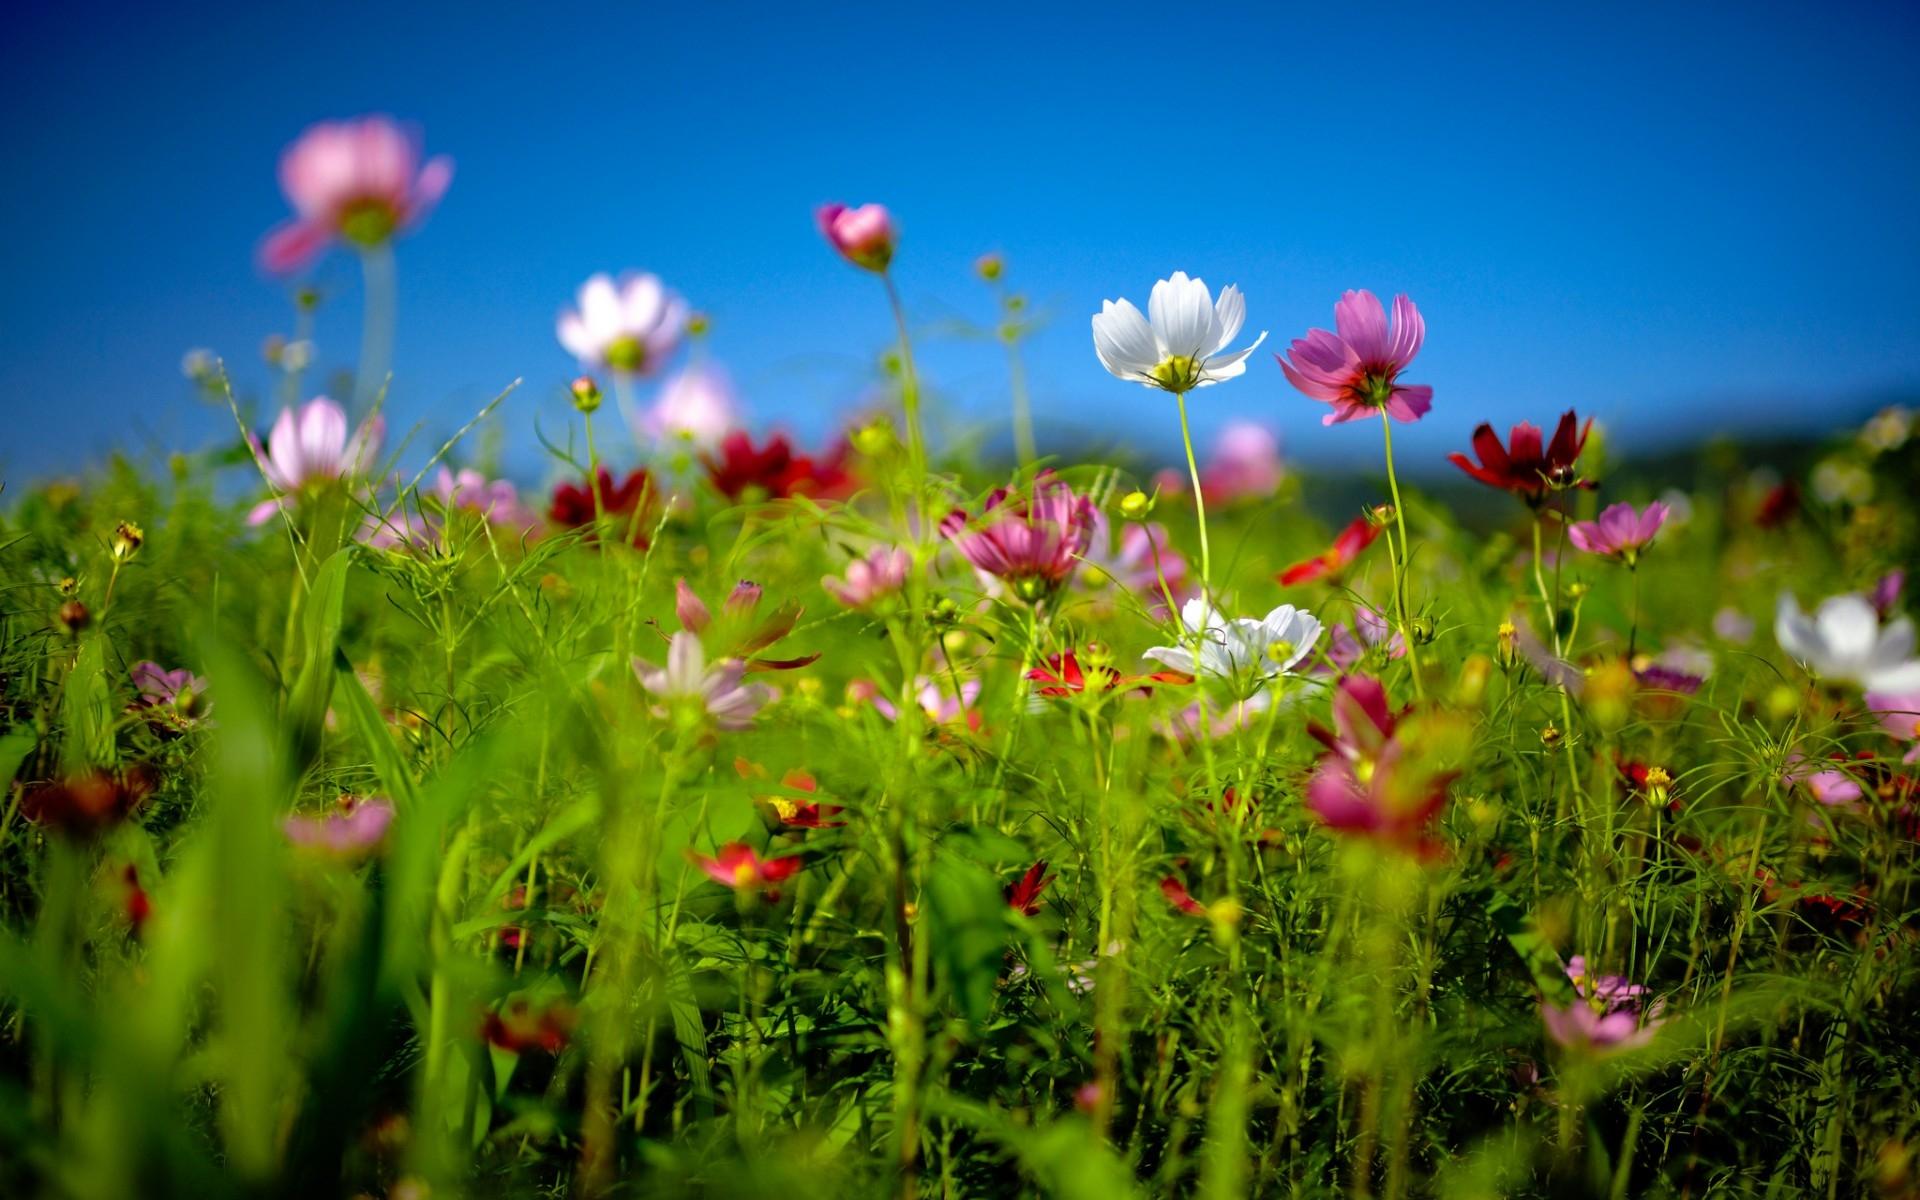 Sfondi hd natura fiori di primavera sfondi hd gratis for Sfondi natura desktop